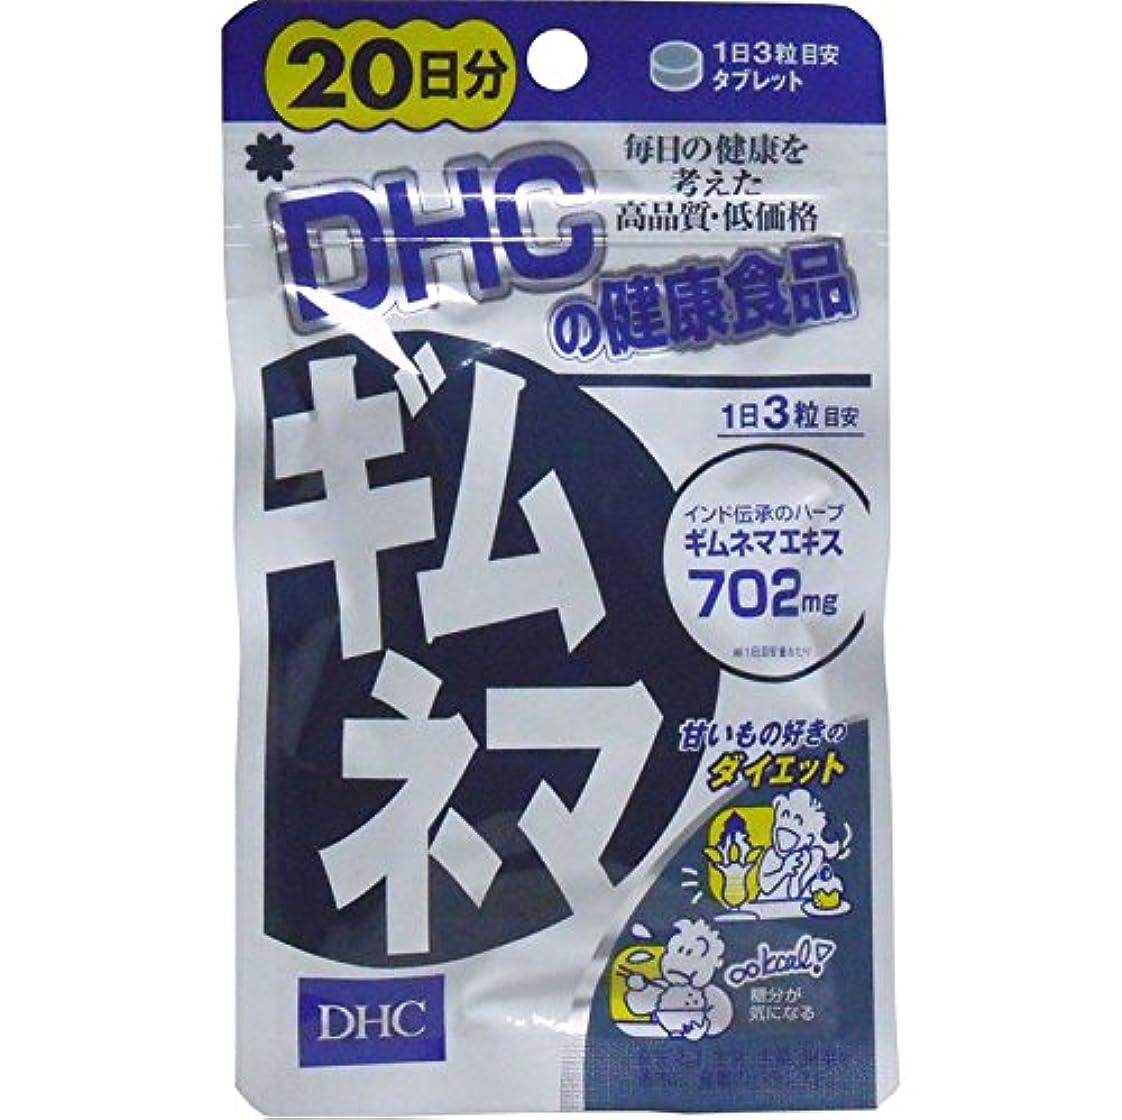 晴れユーモア本部我慢せずに余分な糖分をブロック DHC ギムネマ 20日分 60粒